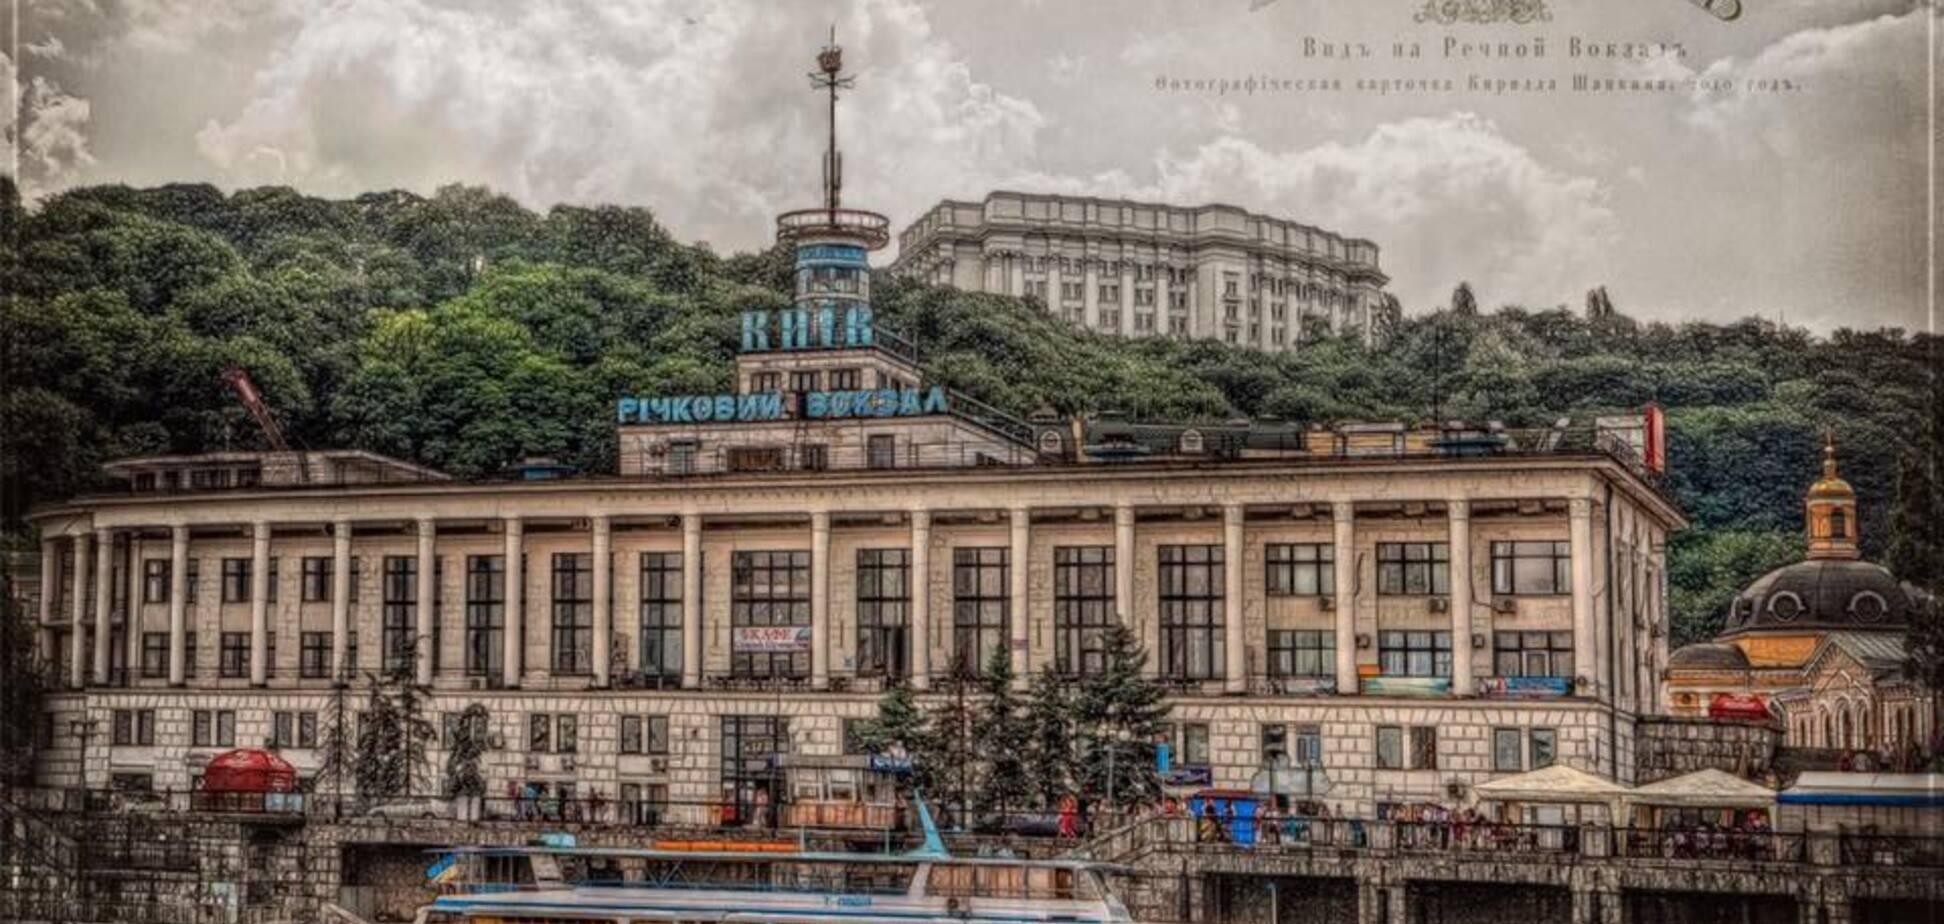 Появились новые правила растаможки груза в Киевском порту